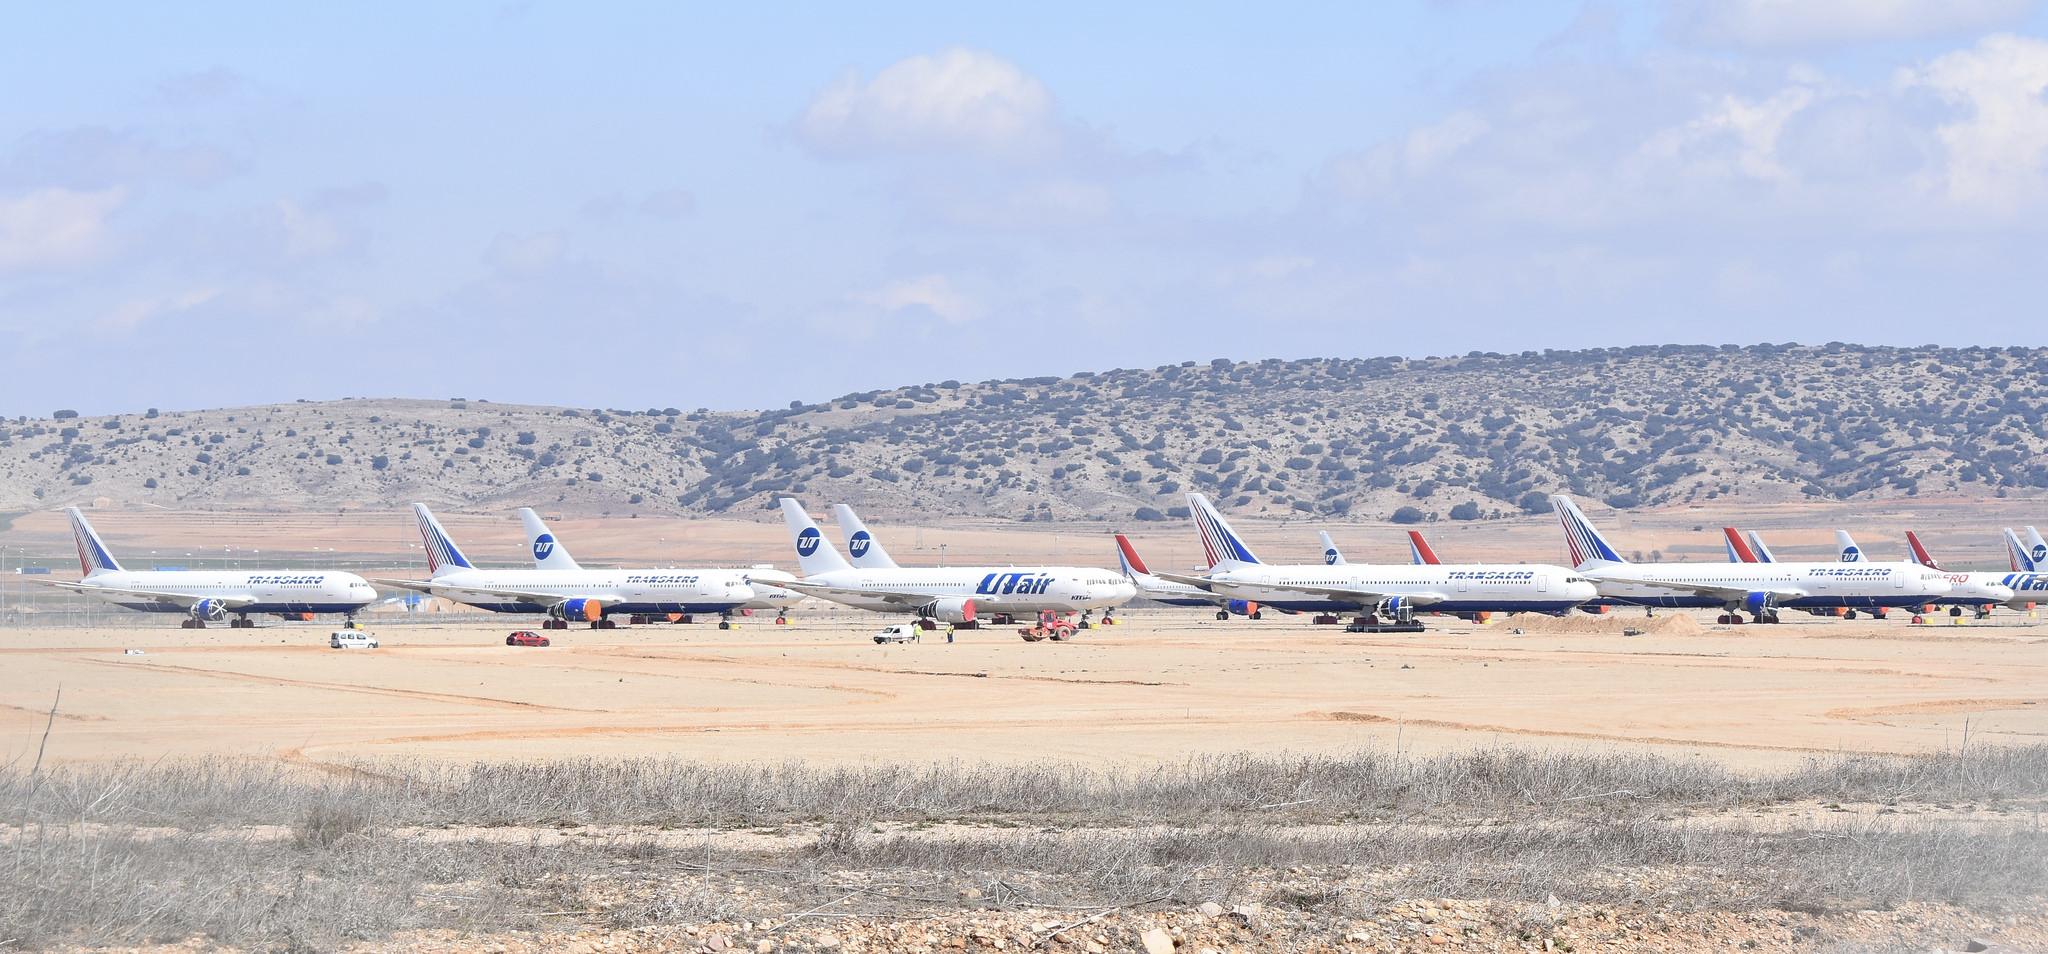 Odmorište ili čistilište za avione: Španski aerodrom Teurel čuva ono što drugi odbacuju